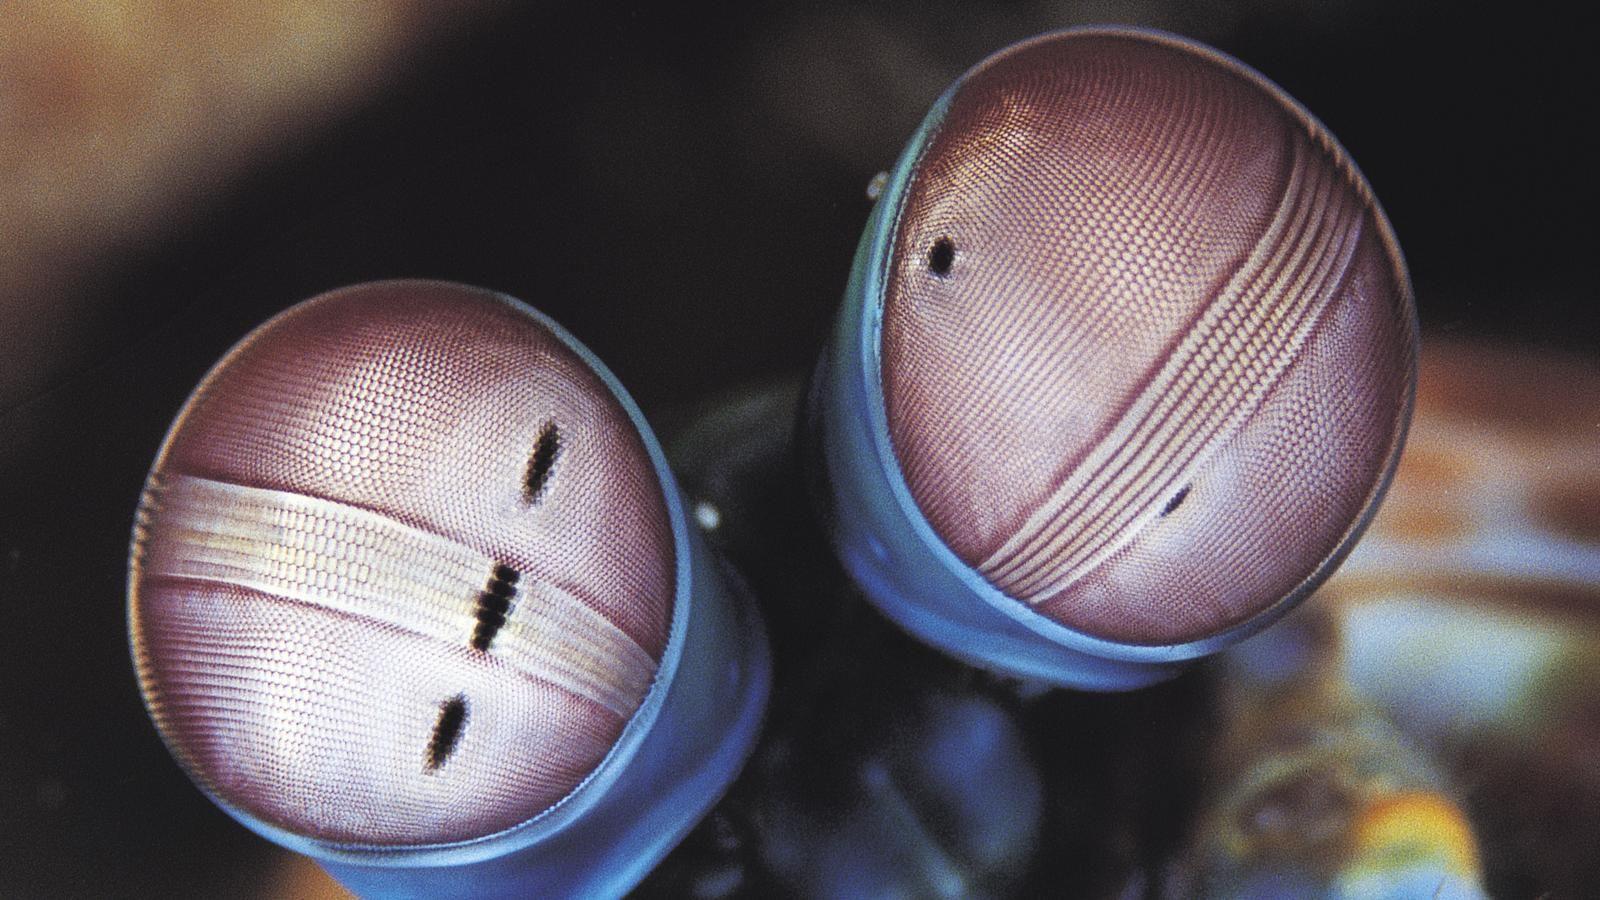 Estos son los ojos compuestos de un animal, pero ¿cuál?